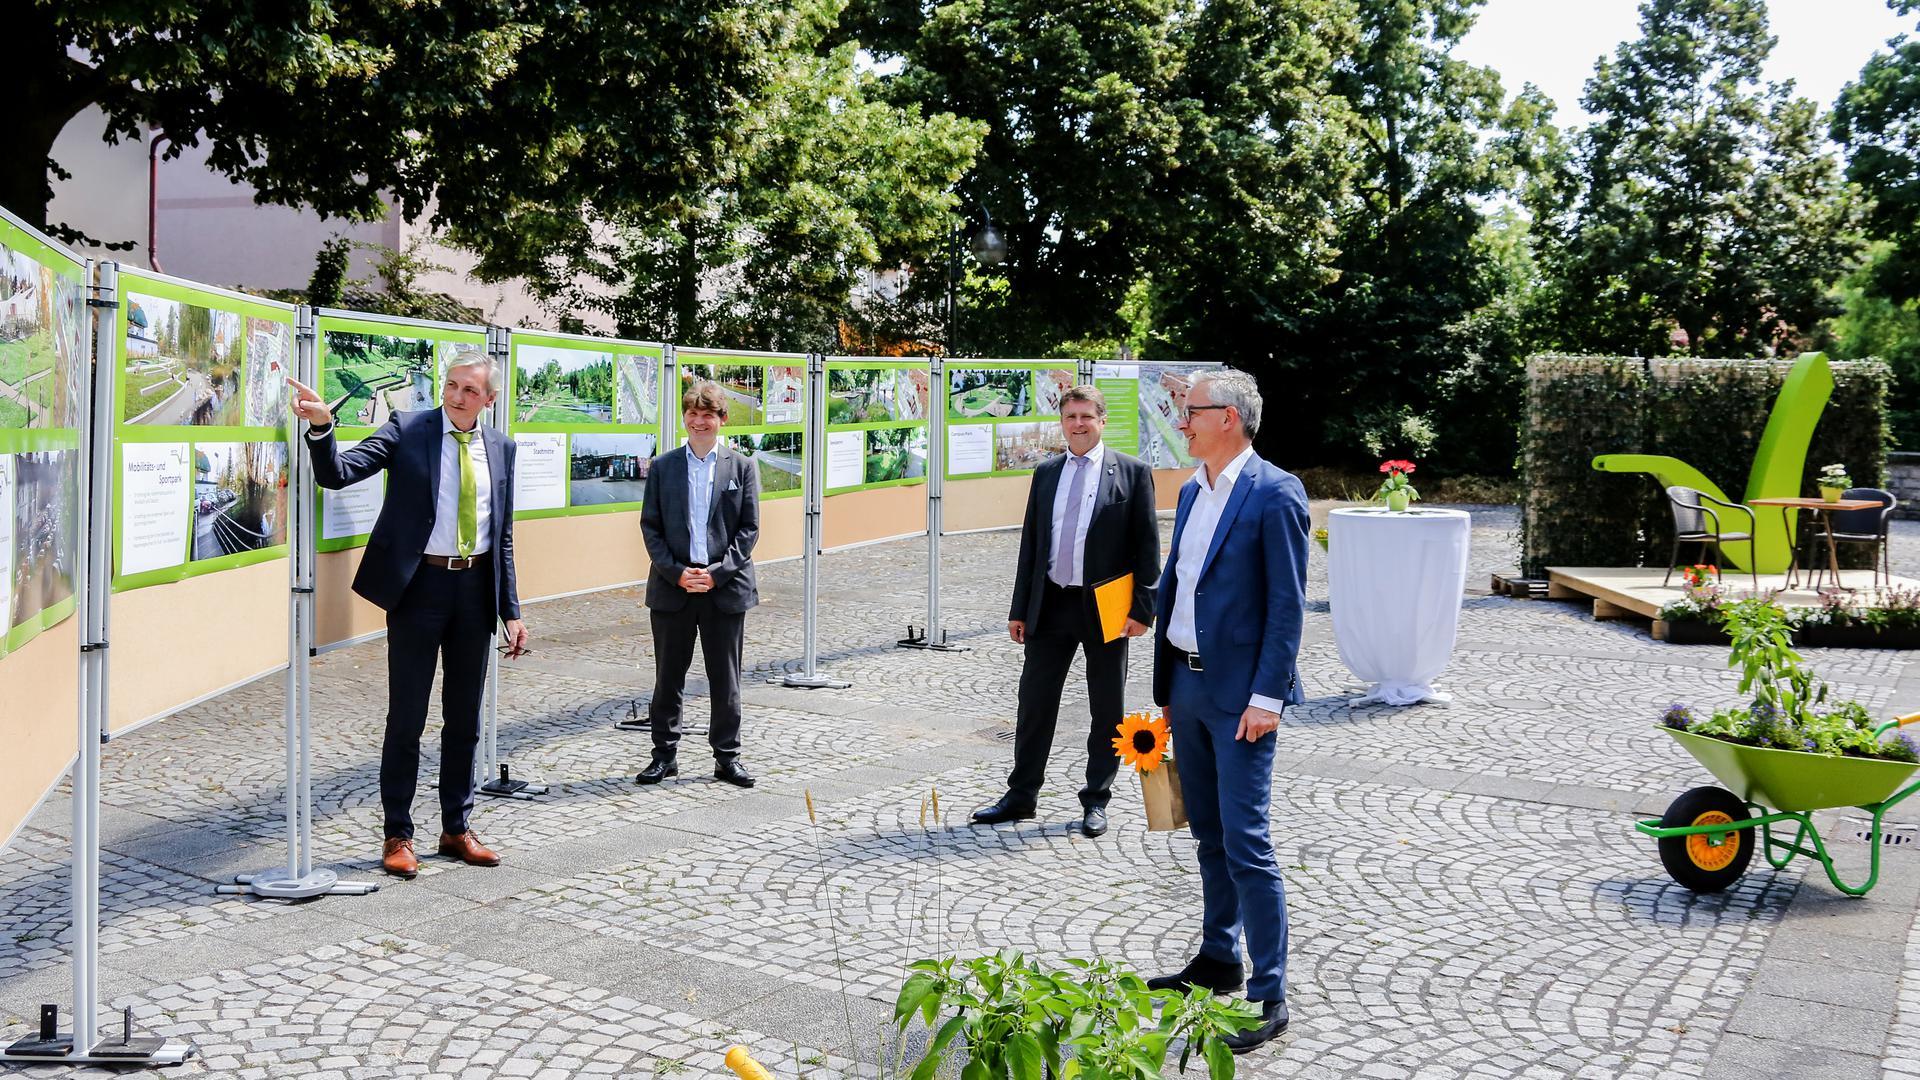 Landrat Christoph Schnaudigel (rechts) informiert sich über die Brettener Gartenschau-Bewerbung.